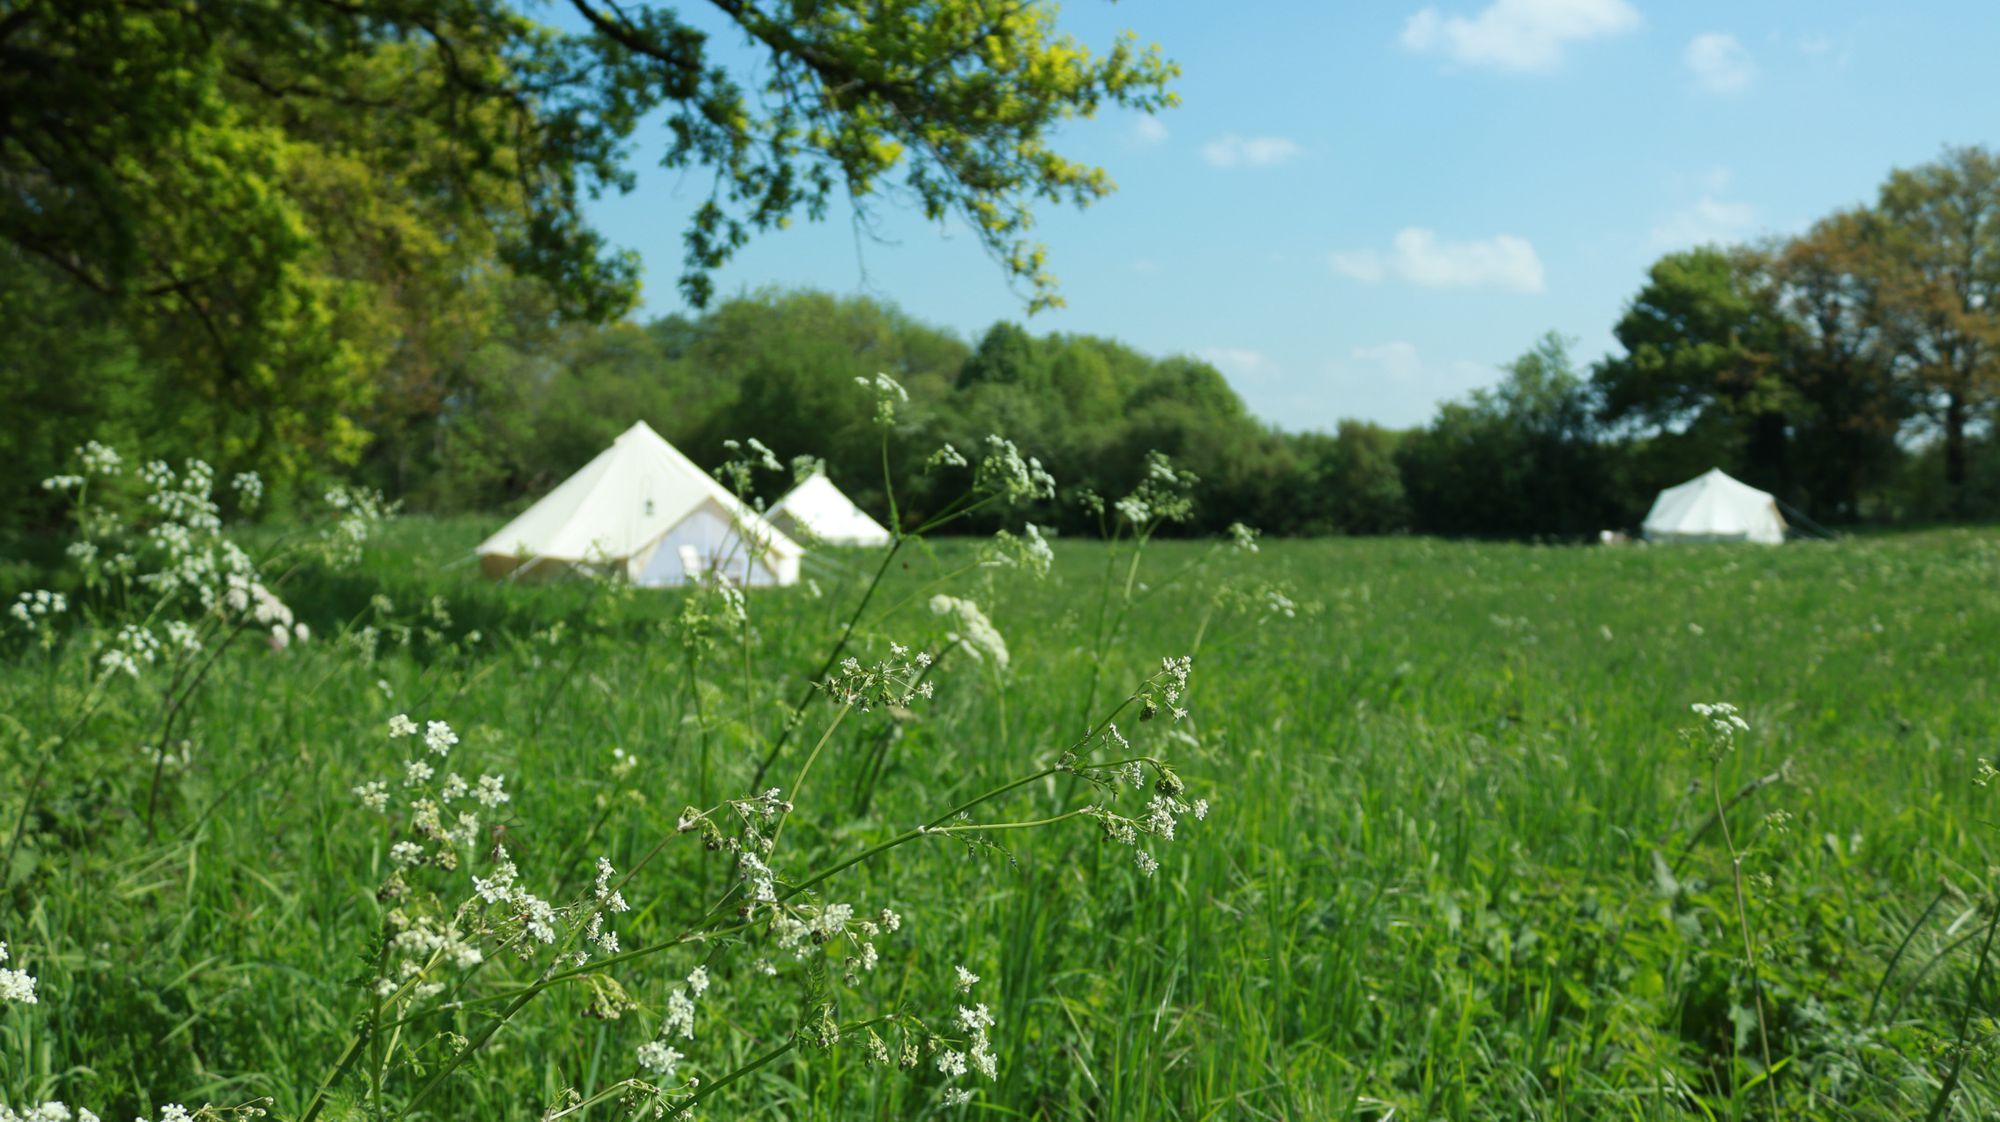 Campsites in Creuse – I Love This Campsite